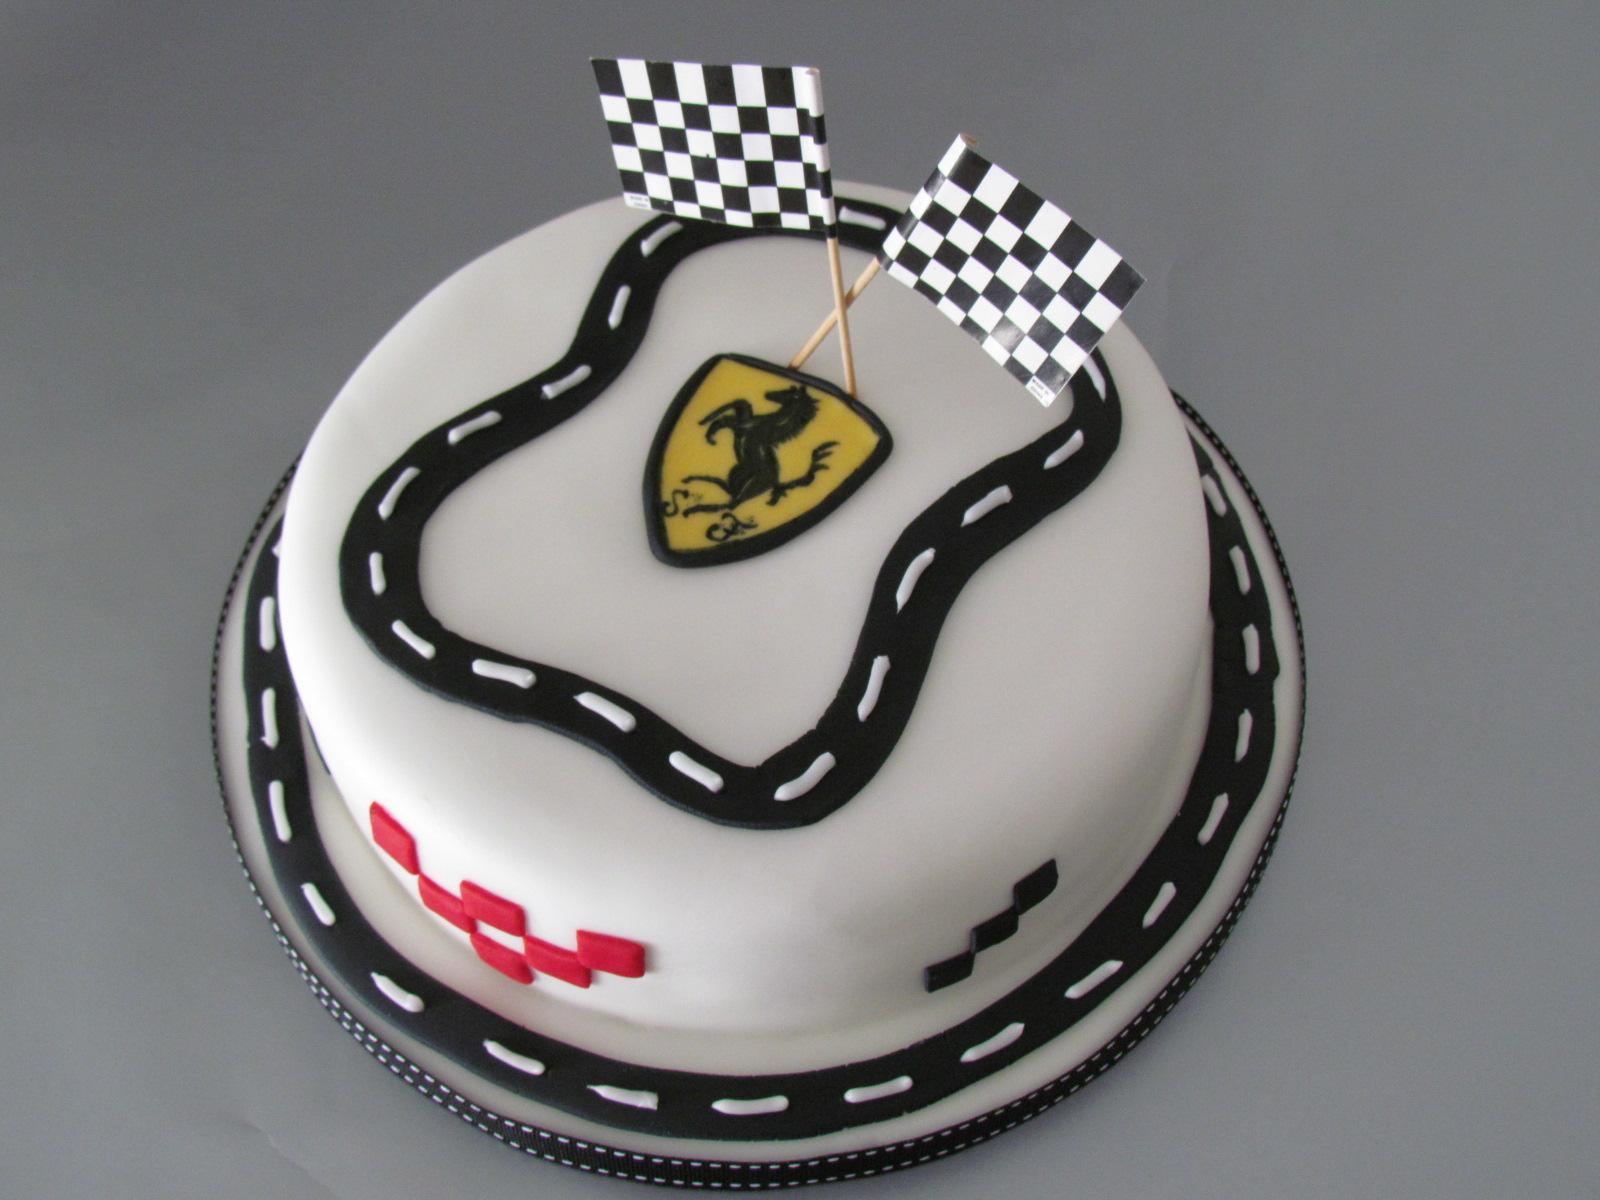 Ferrari Baked Beauties